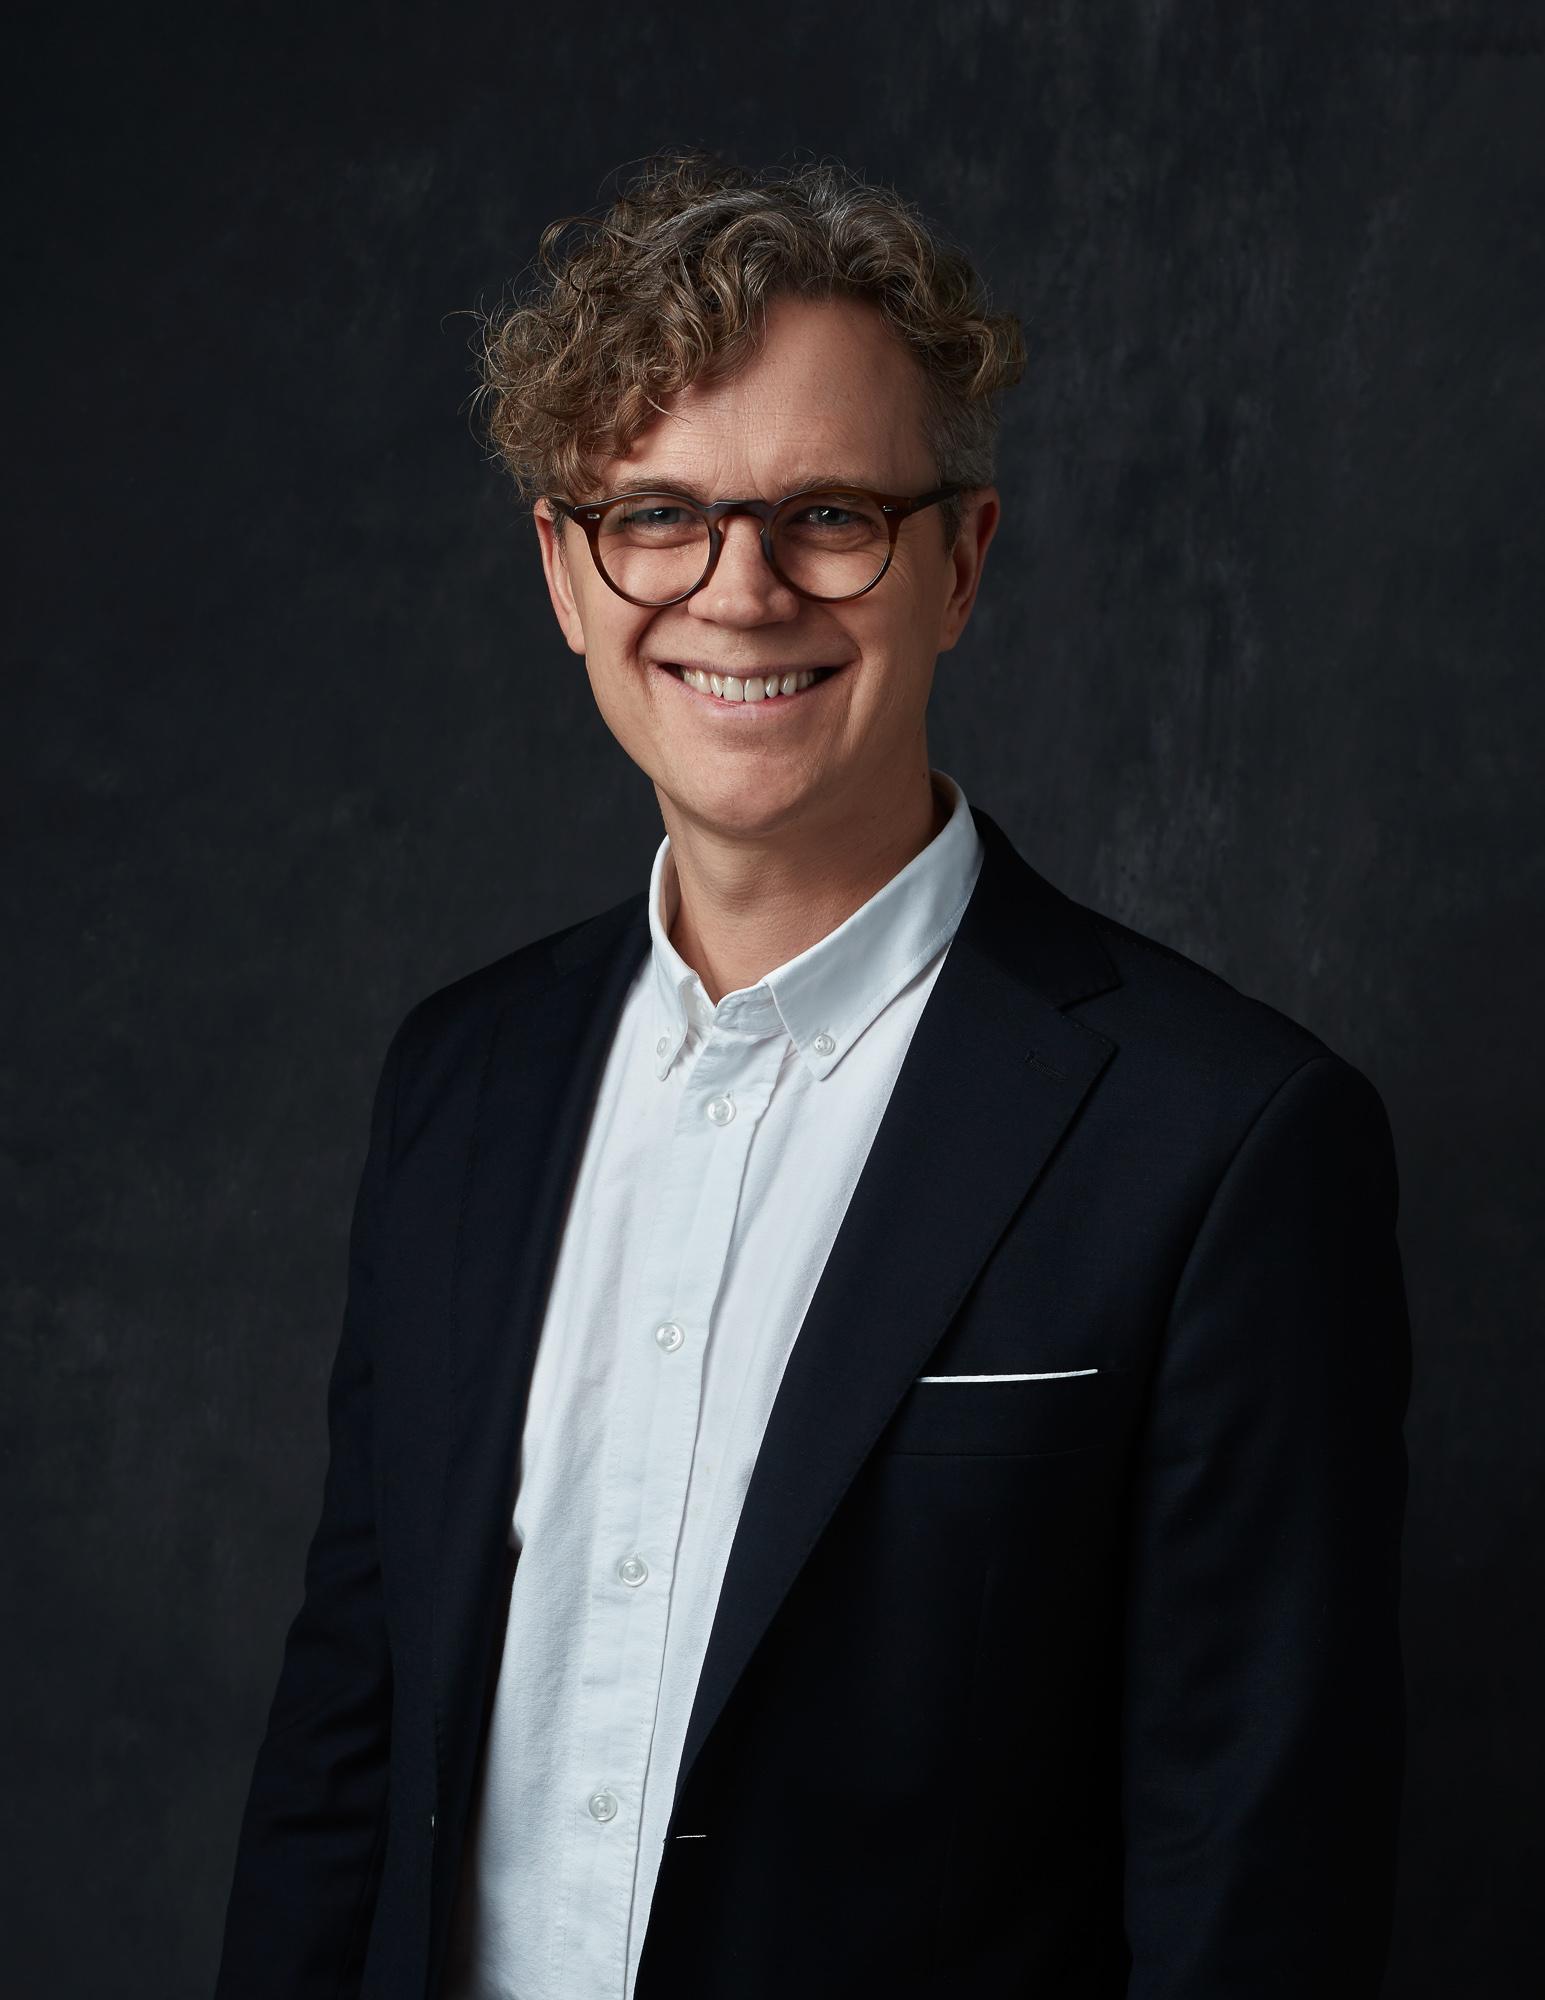 Karl Lundstedt